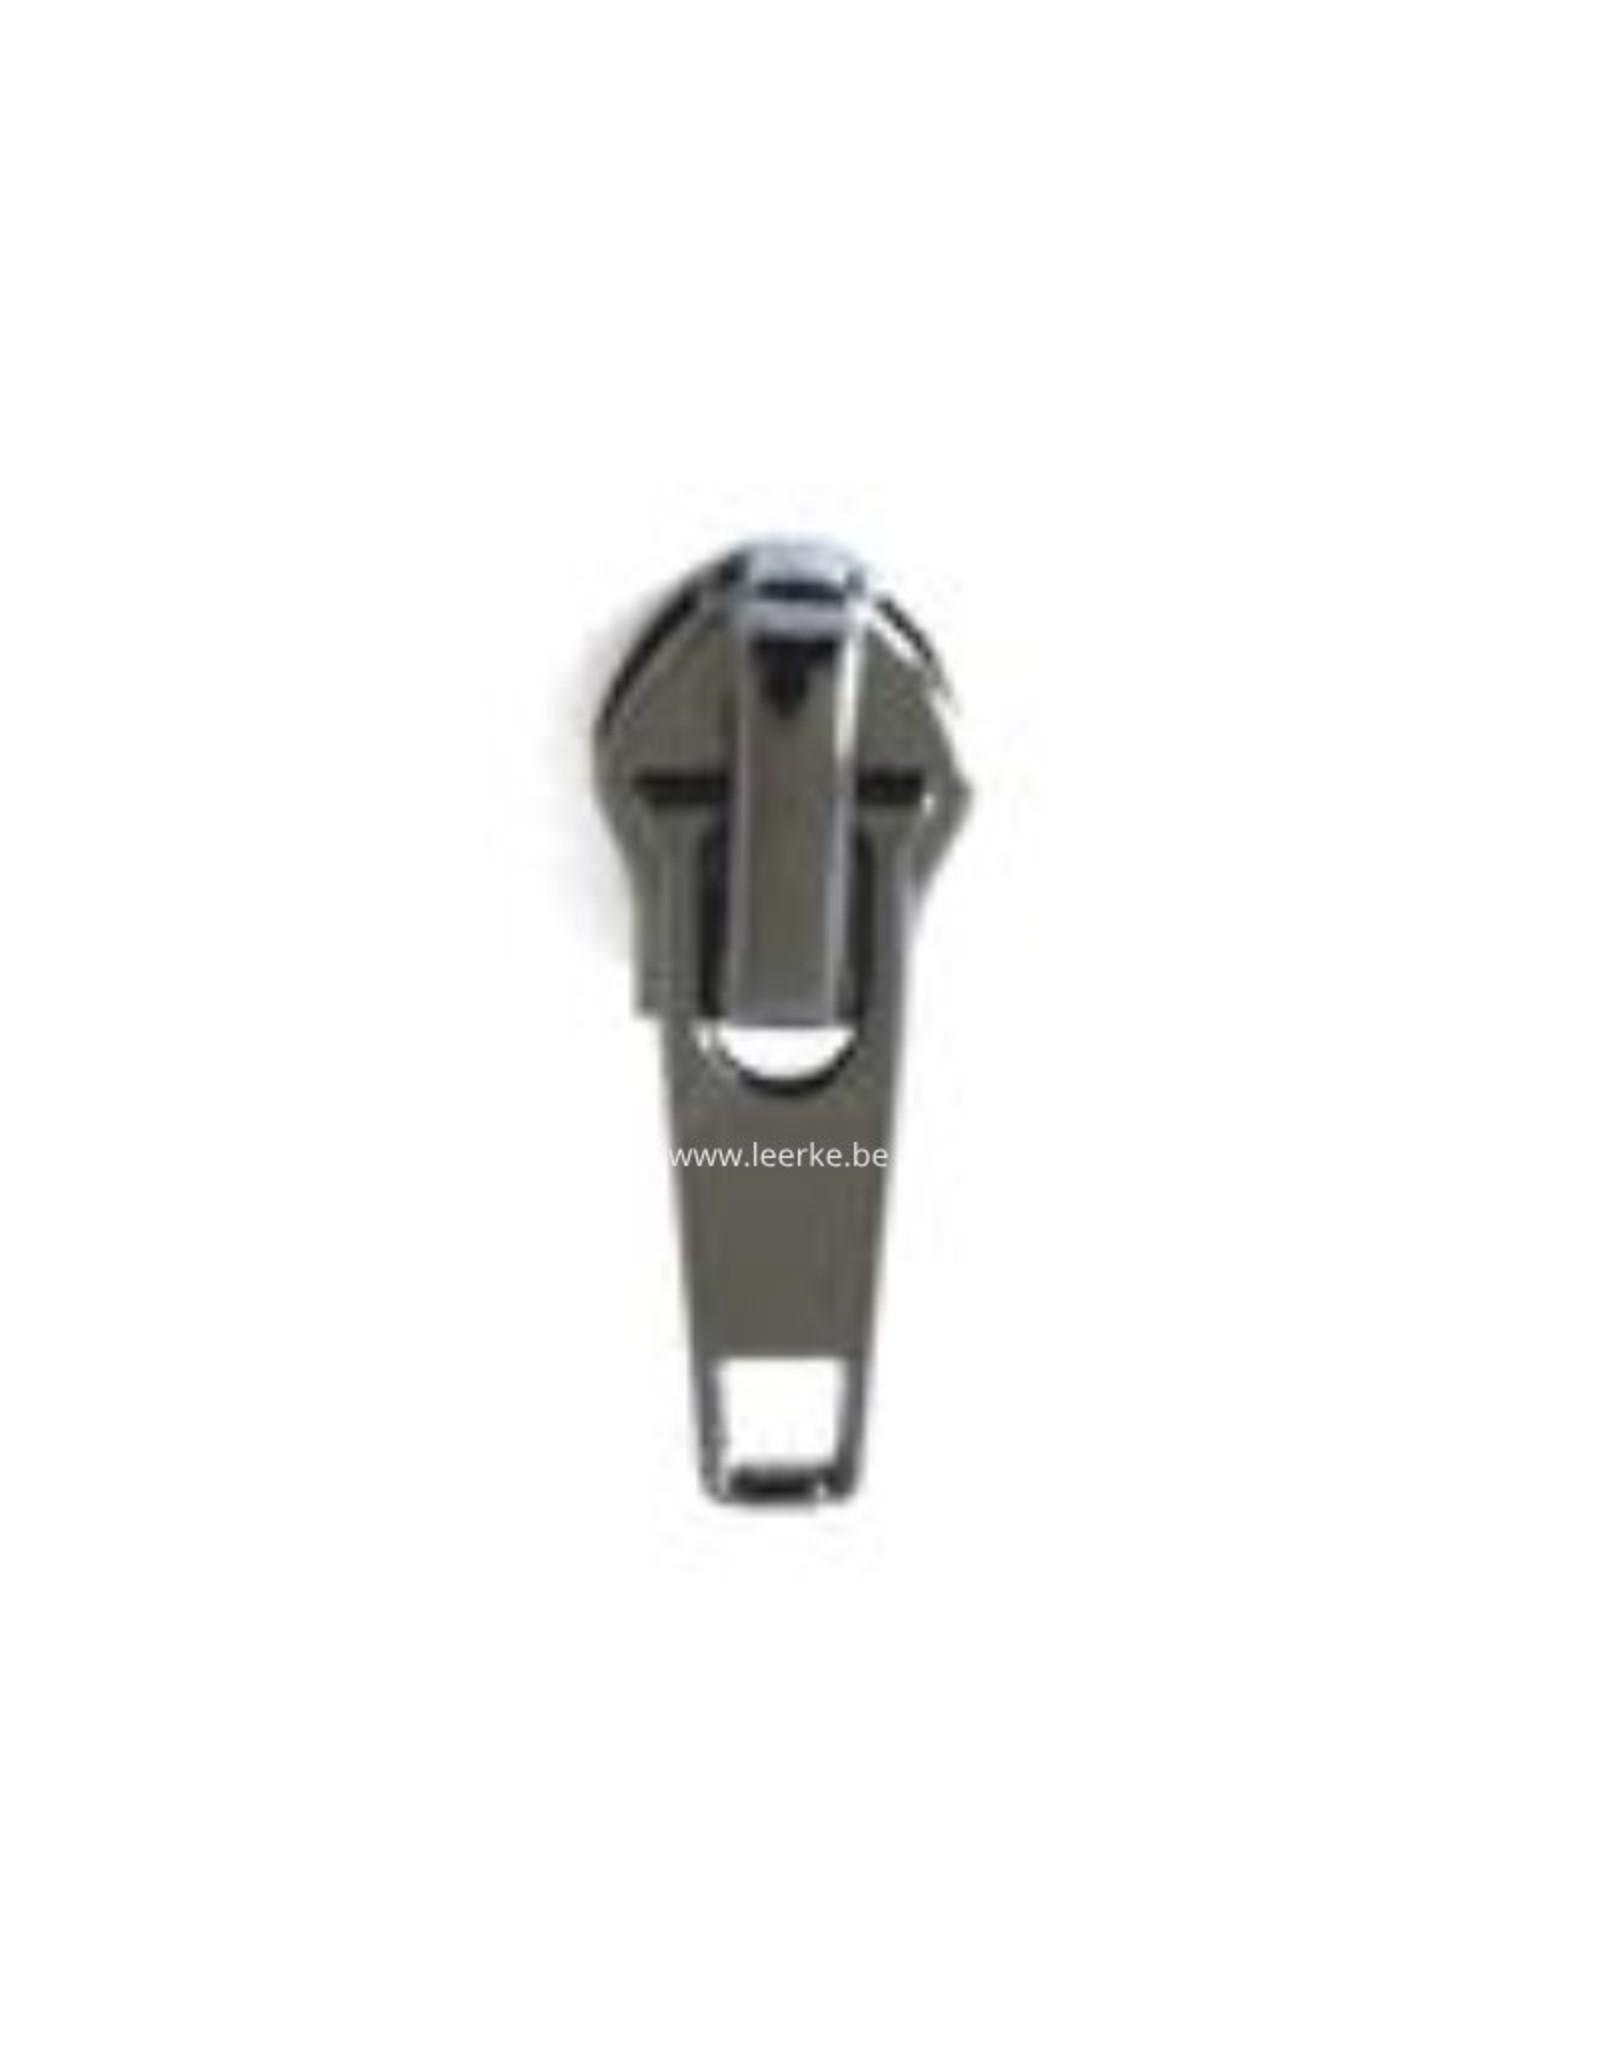 Ritstrekker Gunmetal - Size 6,5